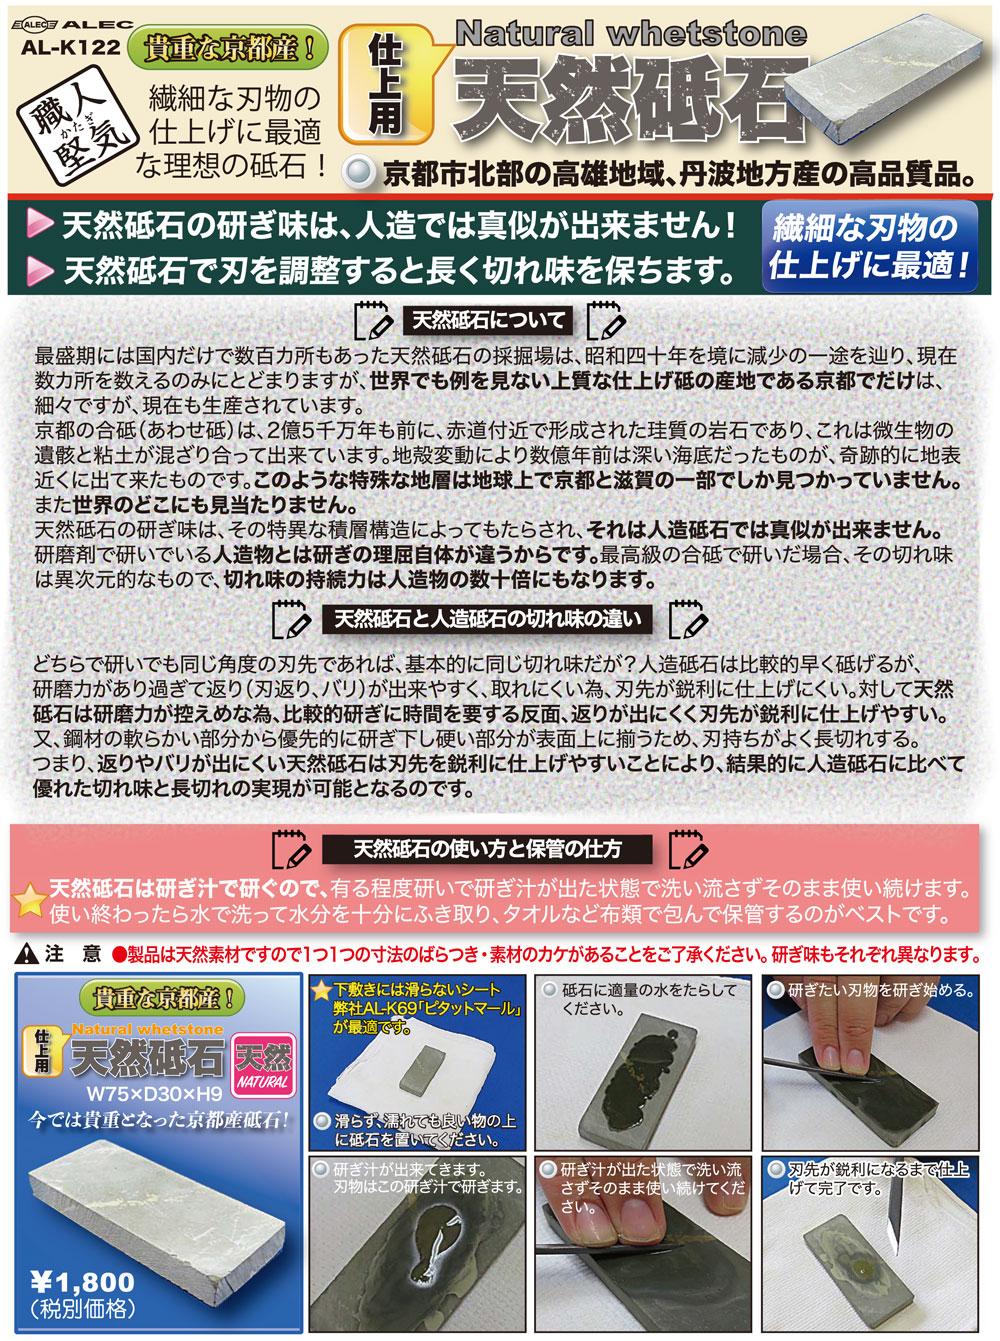 仕上用 天然砥石砥石(シモムラアレック職人堅気No.AL-K122)商品画像_1